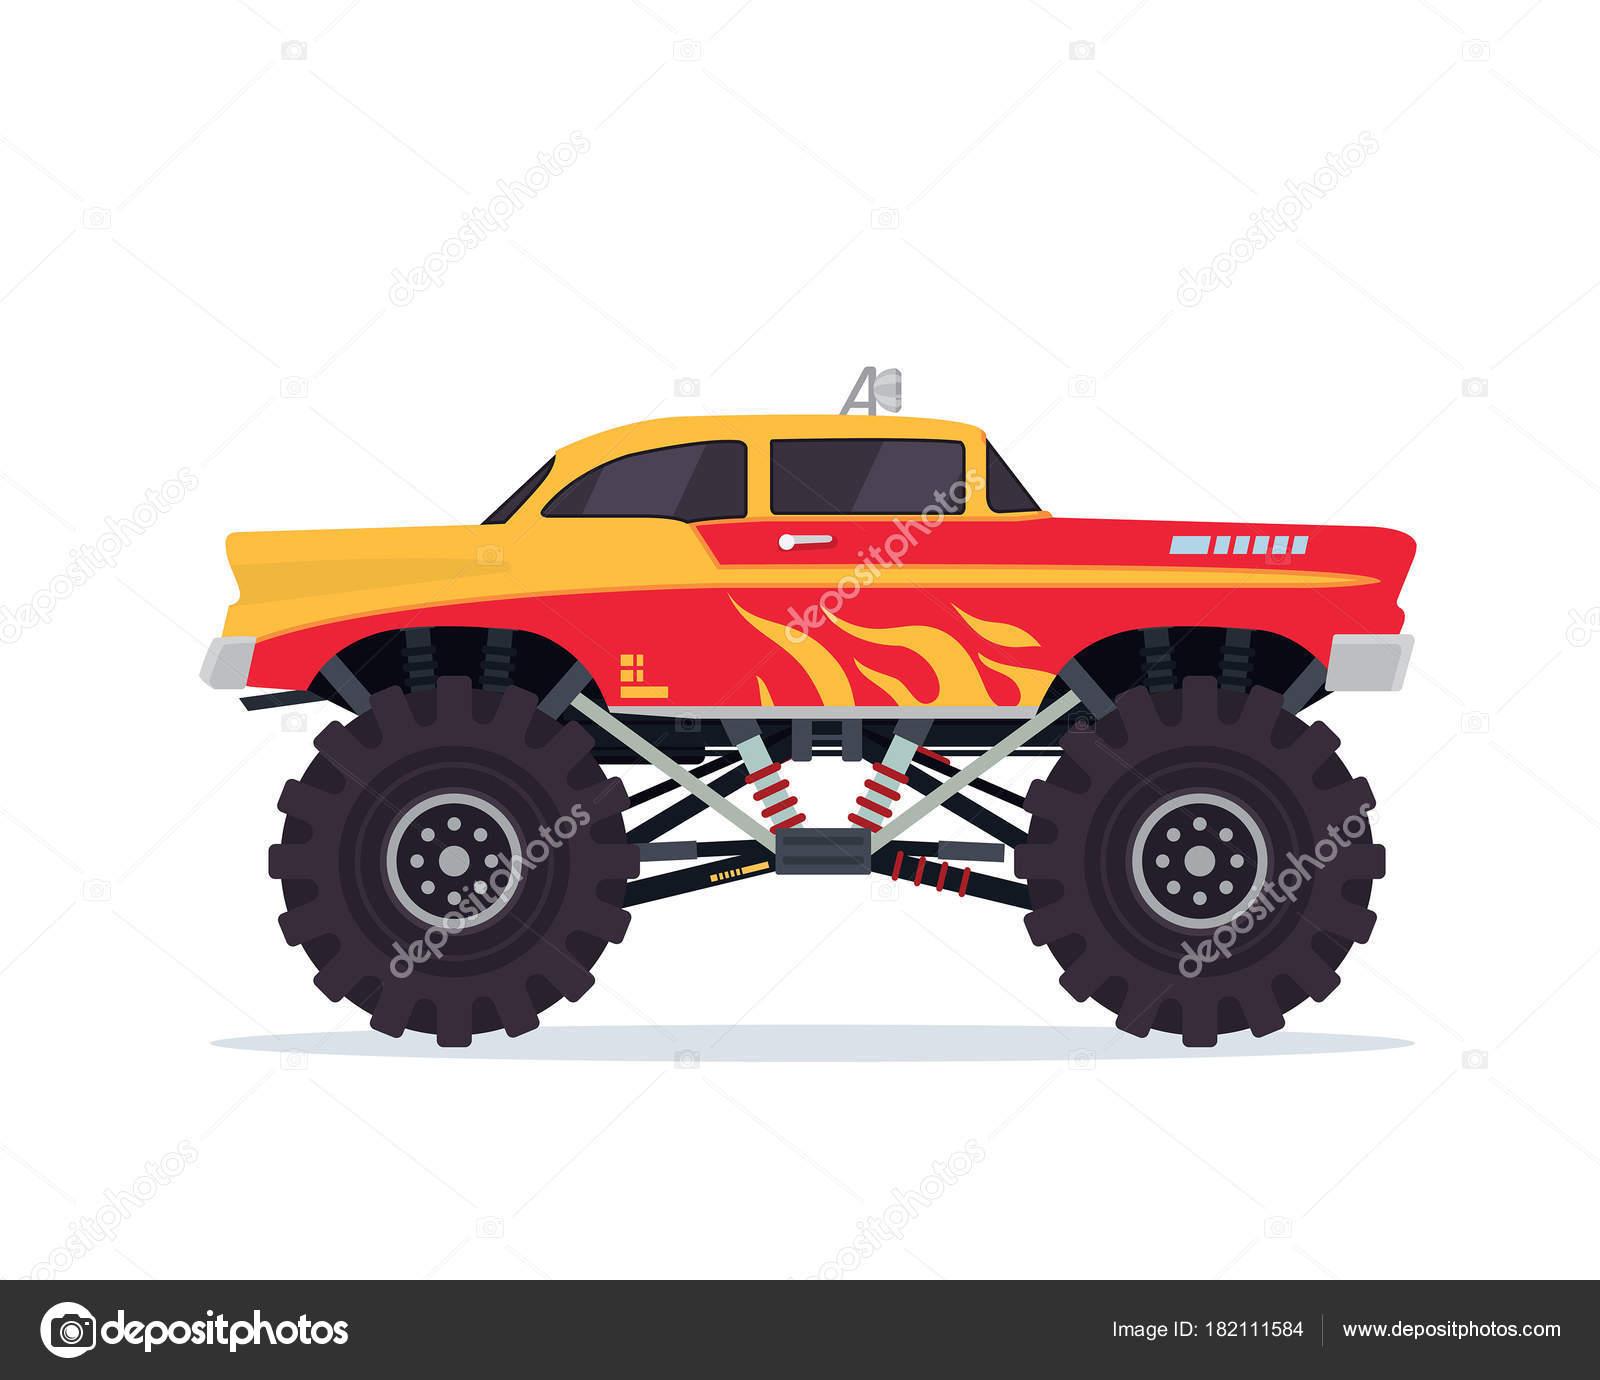 caminhão monstro desenho vetorial vetores de stock naulicreative